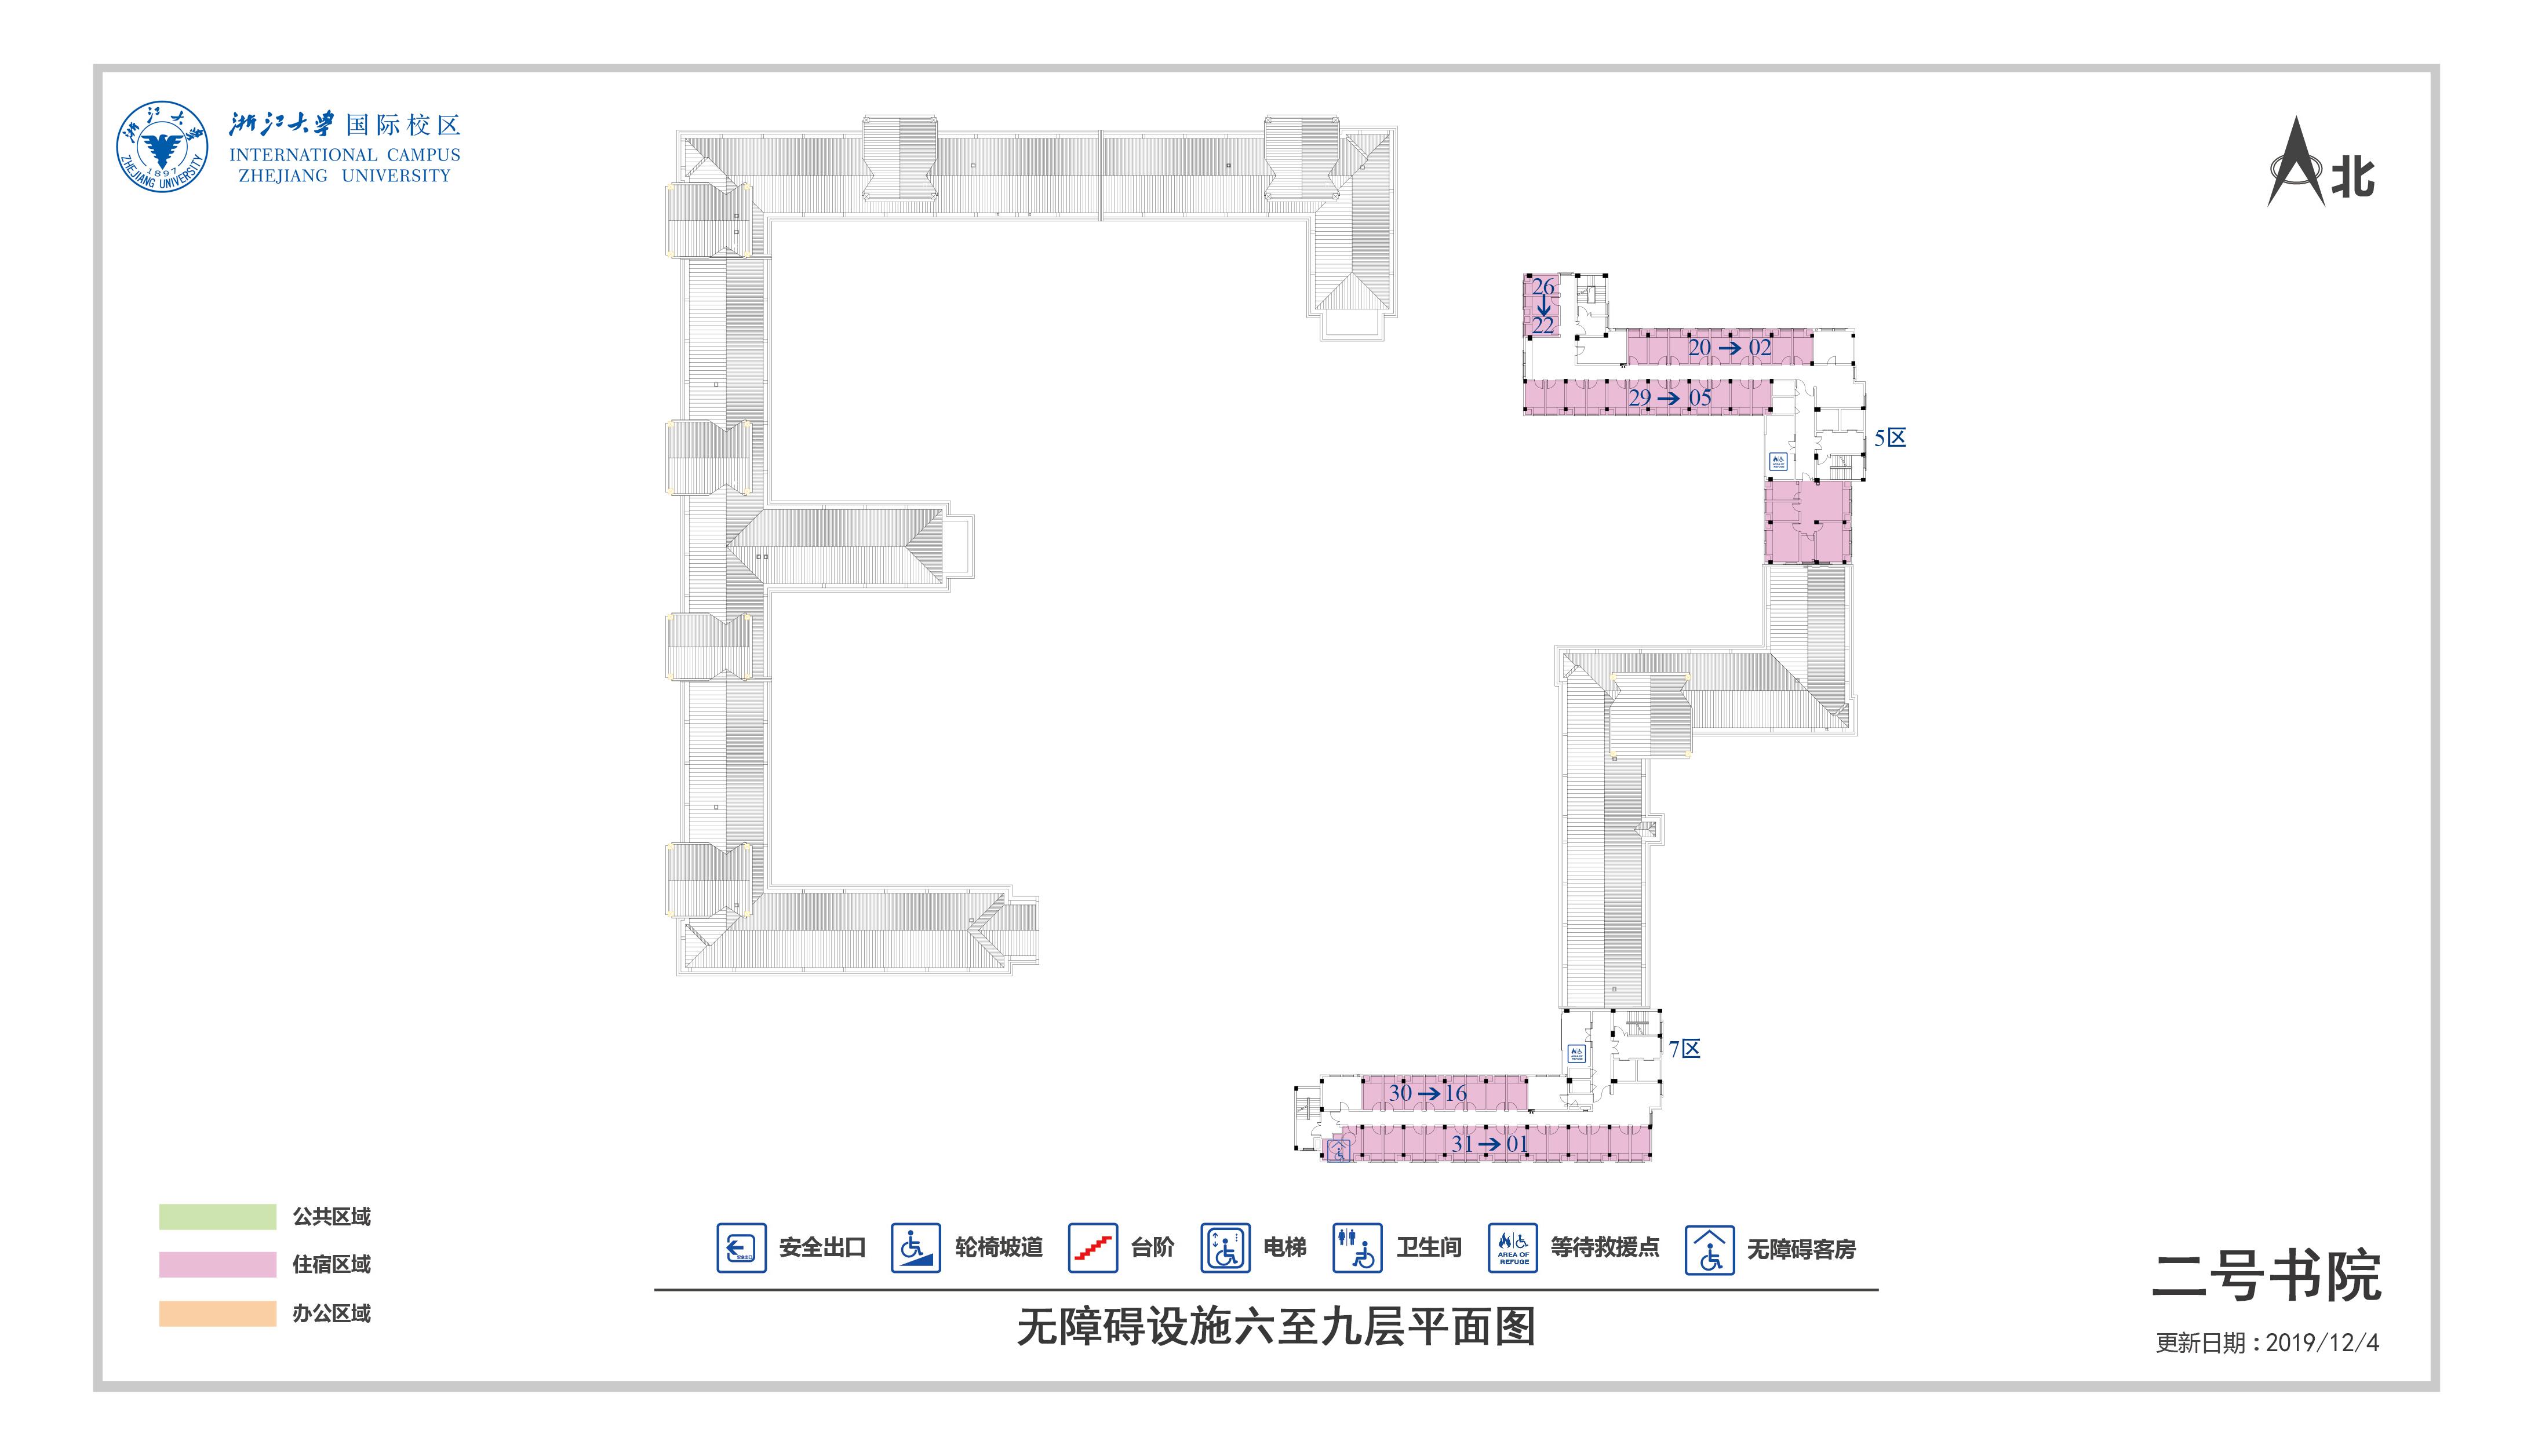 2号书院无障碍设施六至九层平面图.jpg